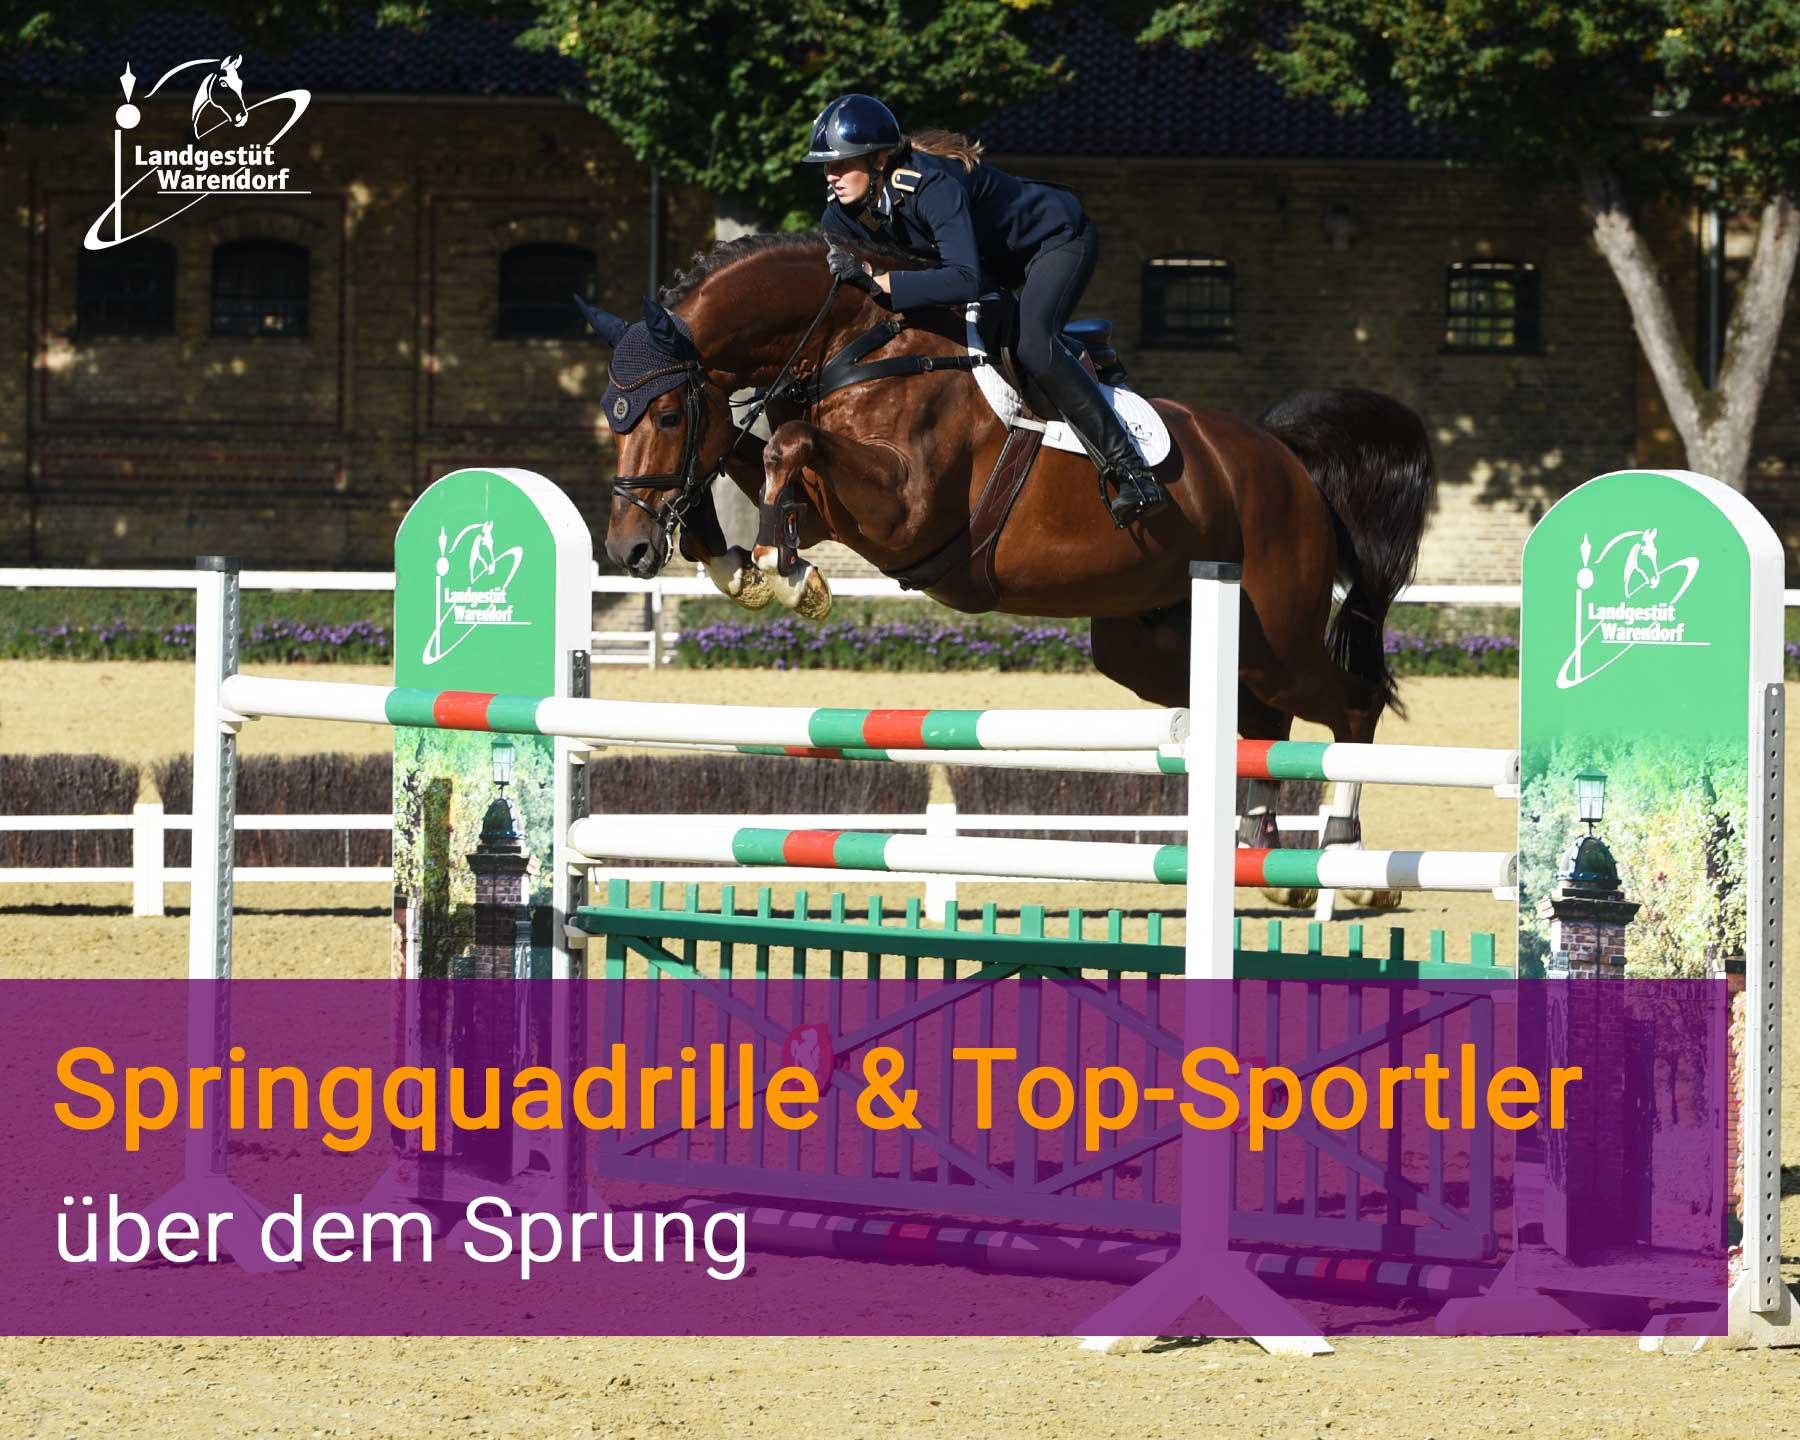 Springquadrille & Top-Sportler über dem Sprung